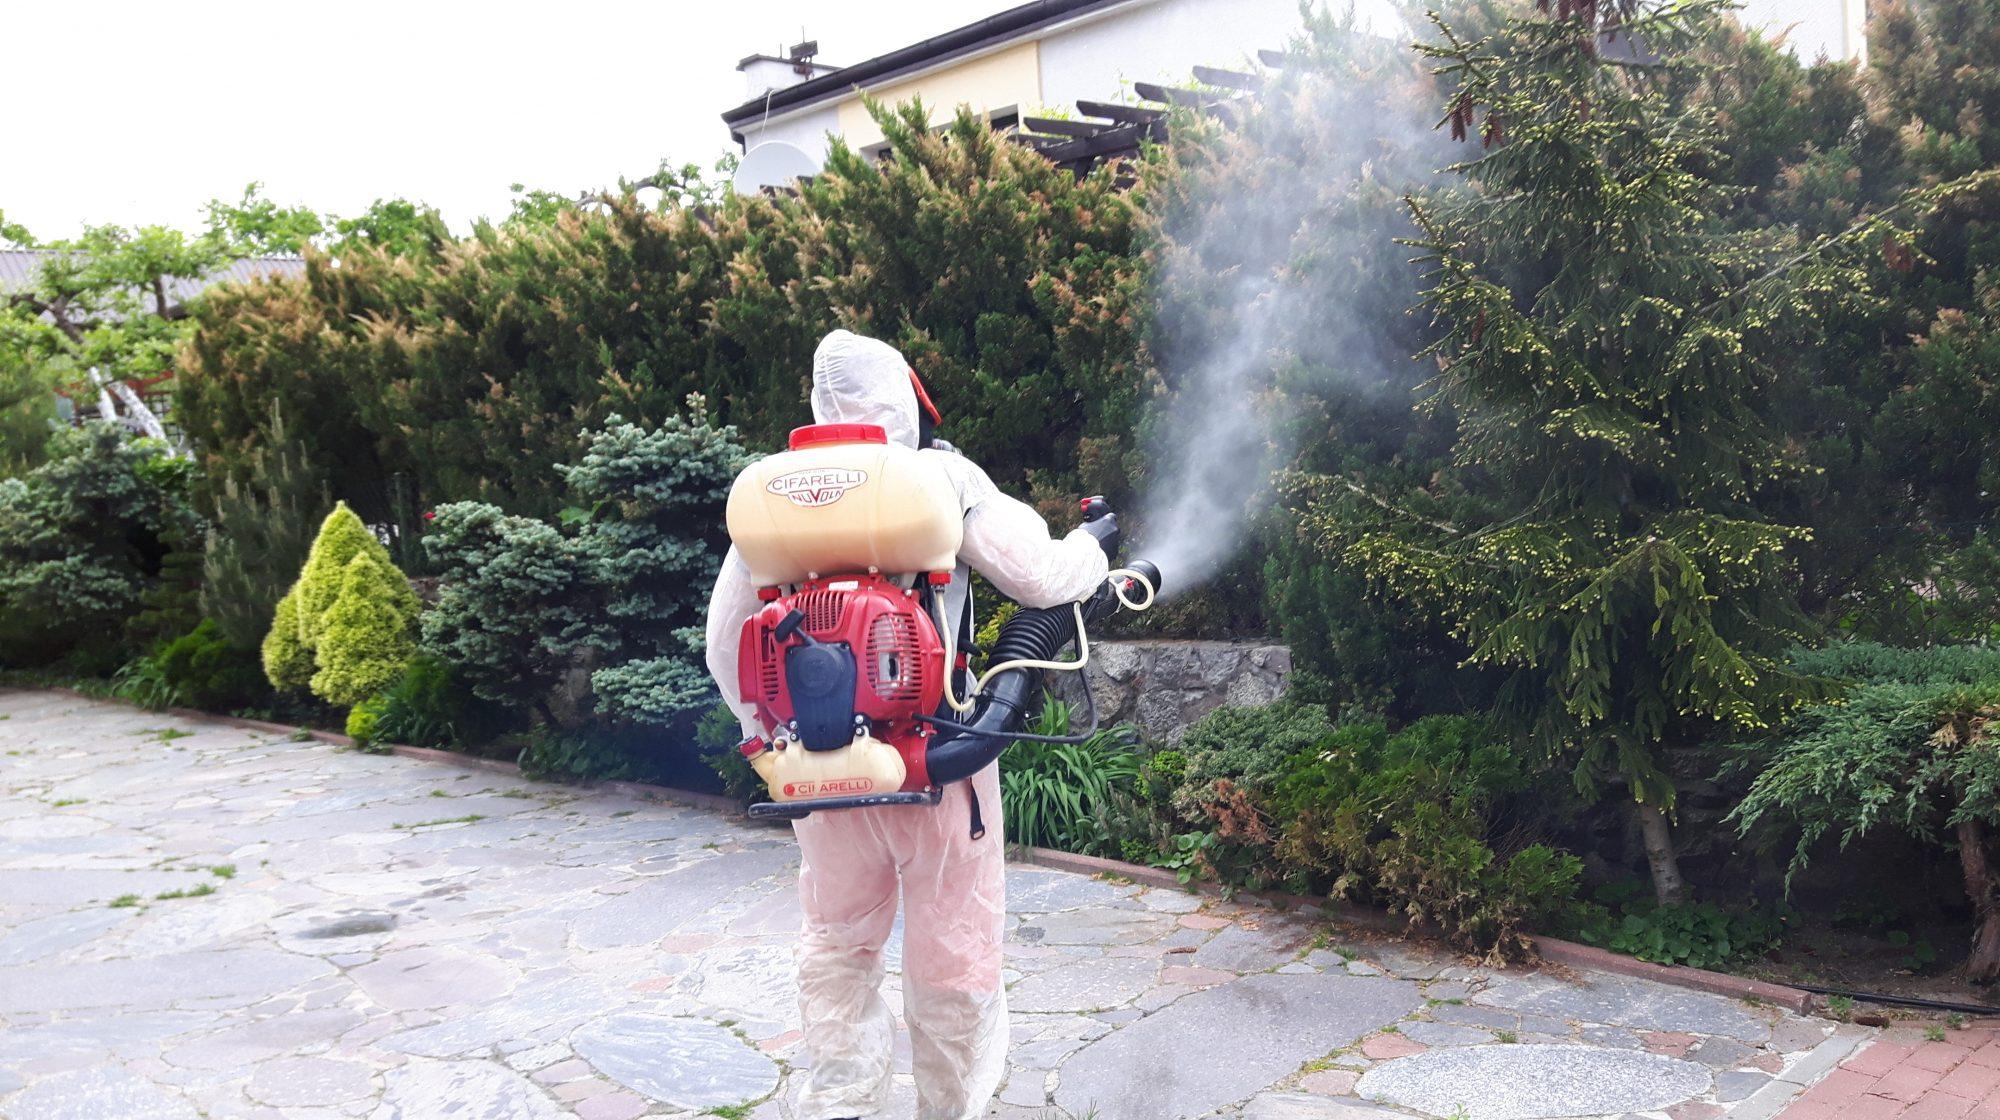 Deratyzacja | Fumigacja | Zwalczanie much | Zwalczanie owadów i gryzoni | Ozonowanie | Gazowanie